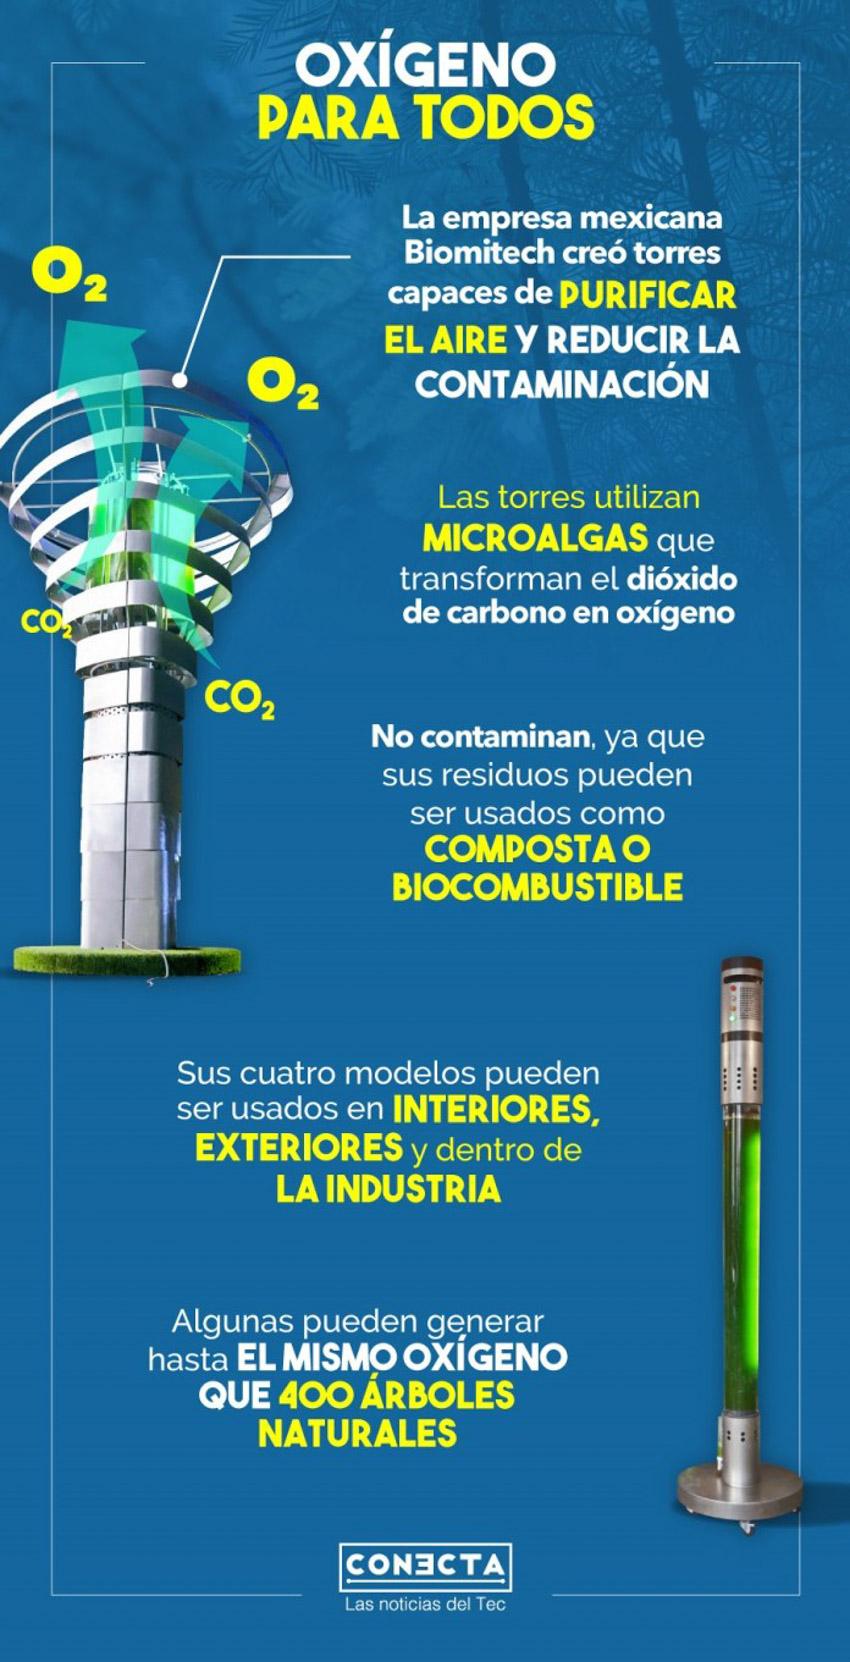 Cây nhân tạo giúp thanh lọc không khí của các thành phố